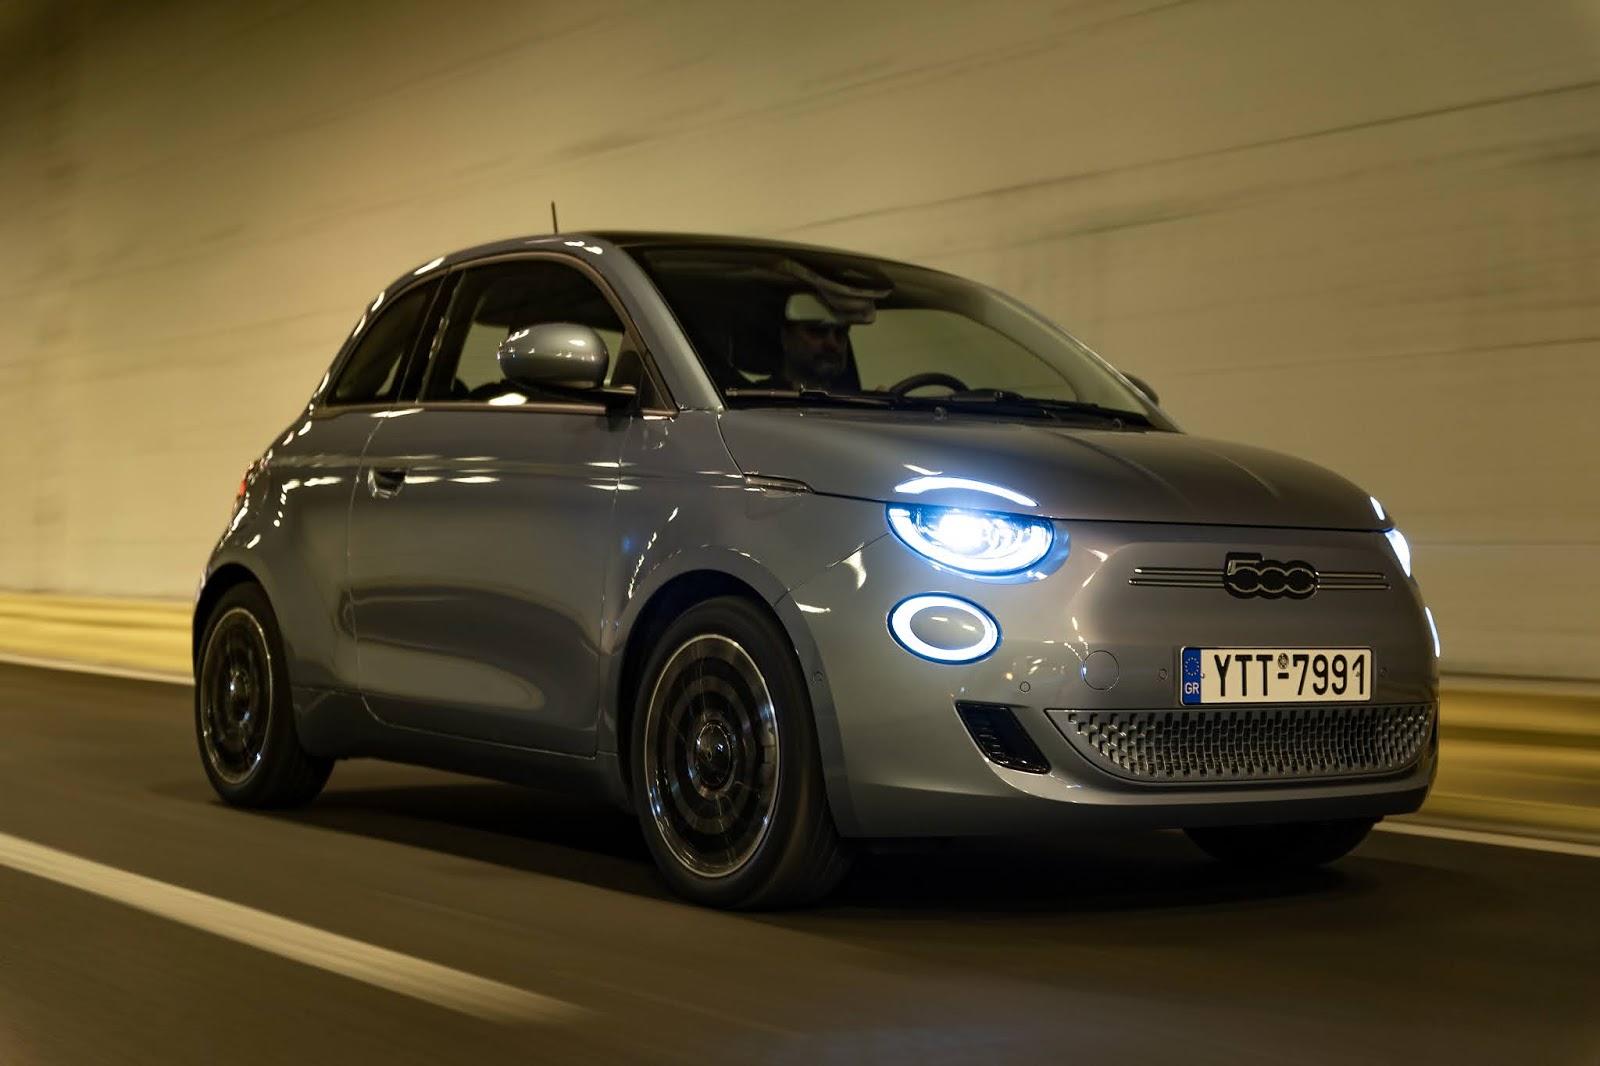 DSC01580 Fiat 500 : Eμπλουτίζει το ρεπερτόριο του με Ελληνικές επιτυχίες